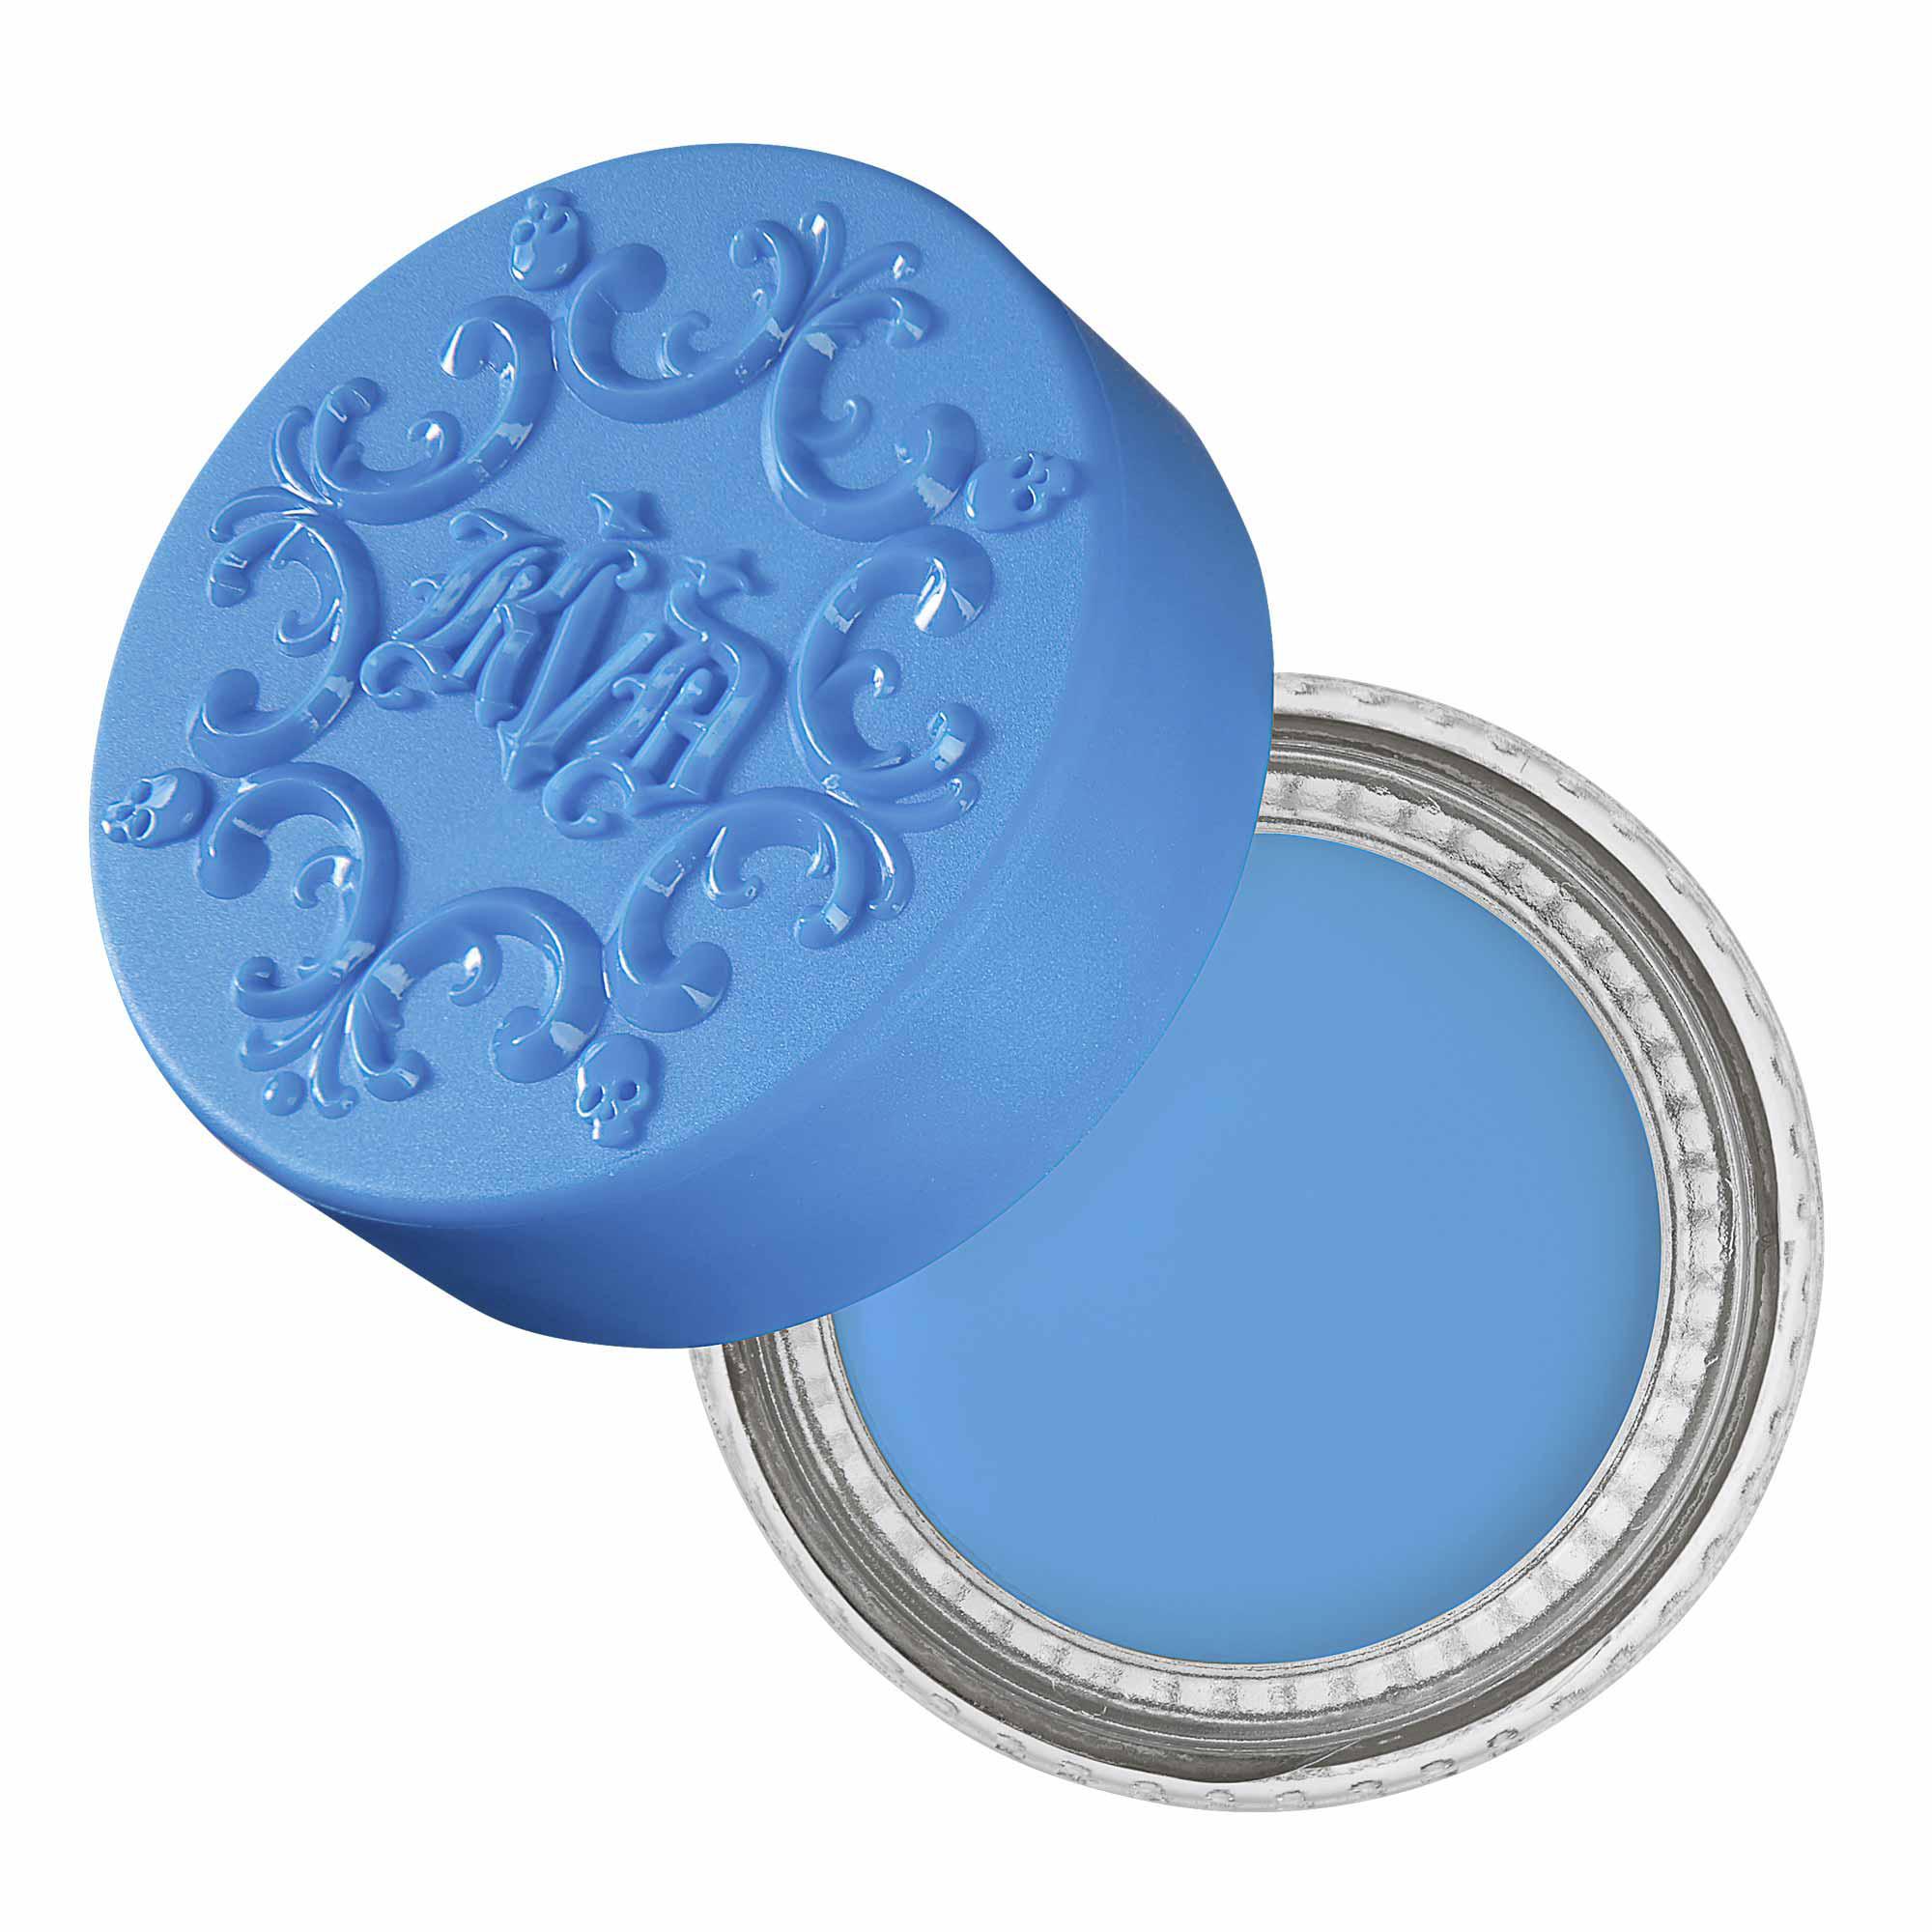 Помада для бровей Kate Von D 24-Hour Super Brow Long-Wear Pomade SATELLITE BLUE: фото